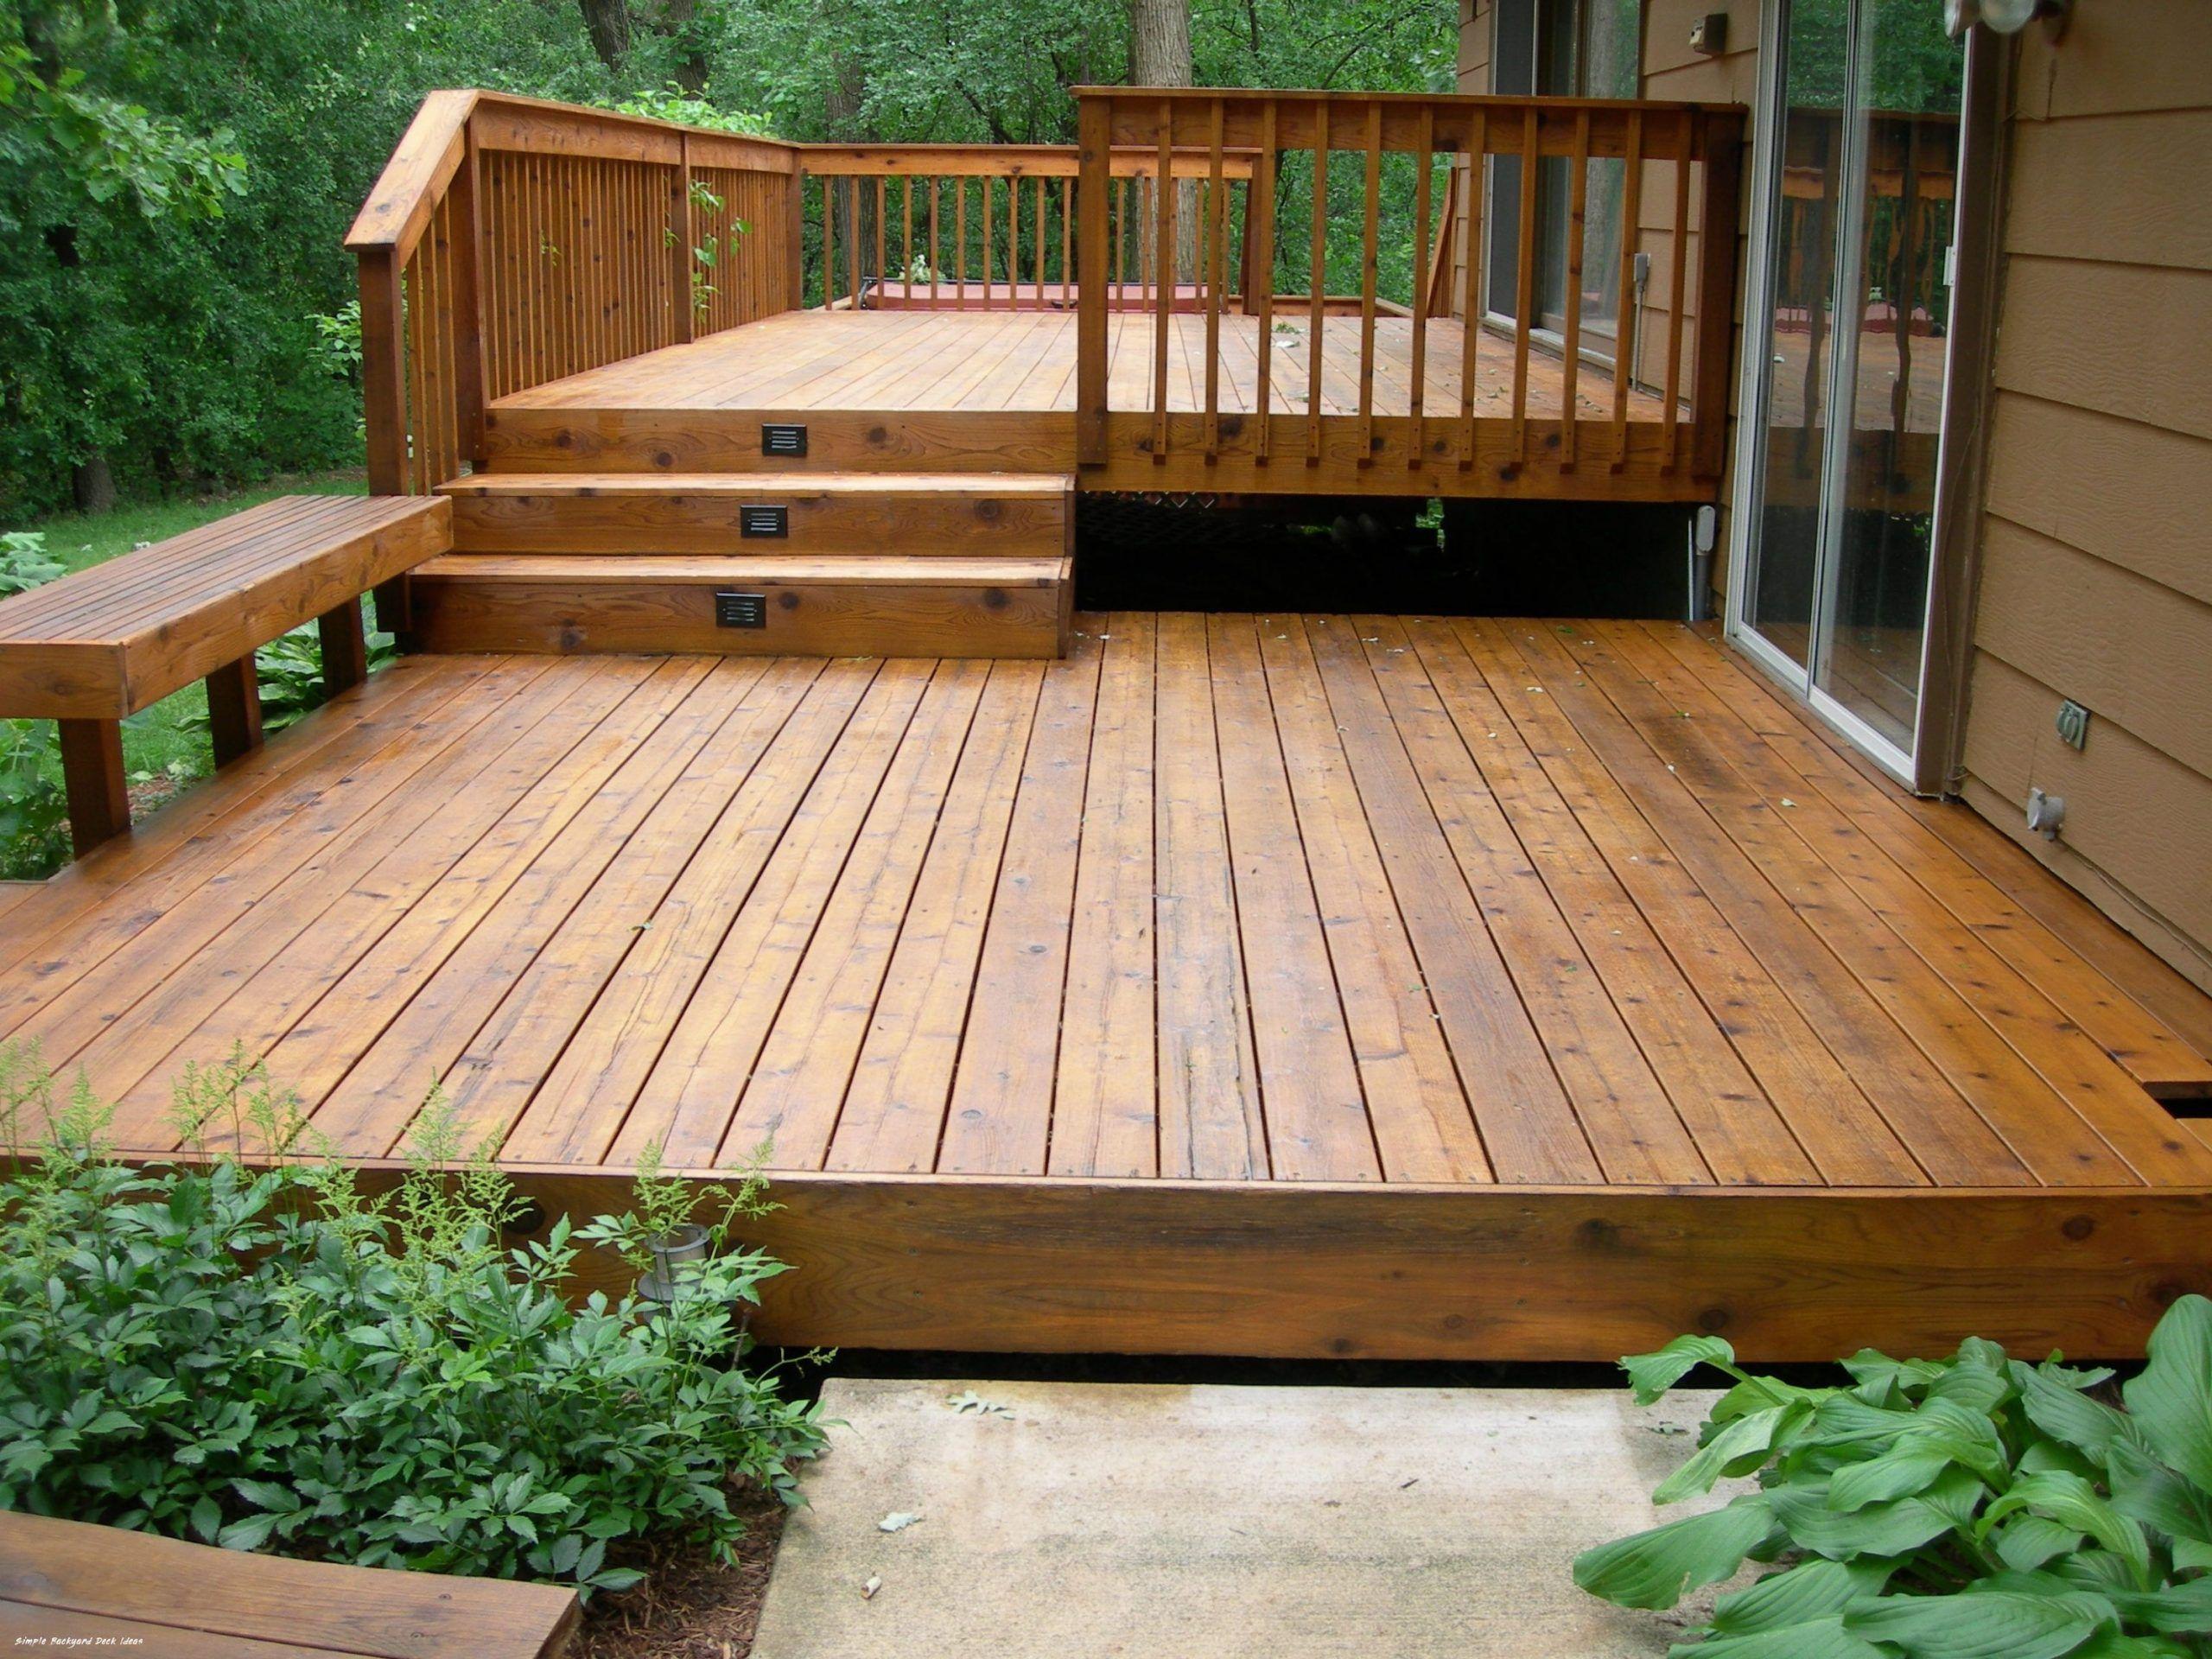 17 Galleries Of Simple Backyard Deck Ideas In 2020 Backyard Backyard Patio Patio Deck Designs